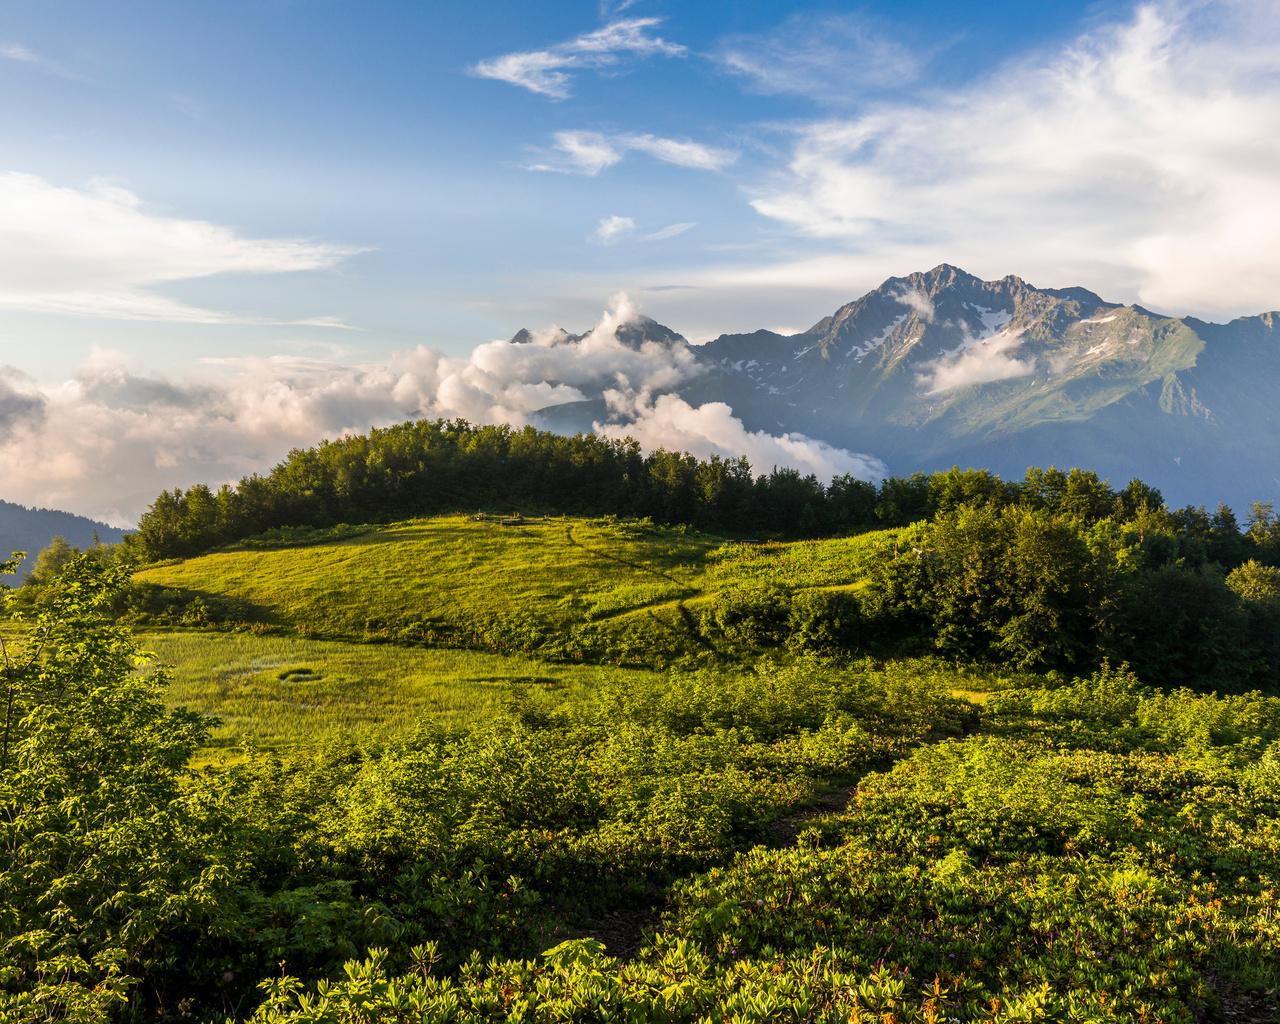 горы, krasnodar krai, mount, chugush, облака, холмы, природа